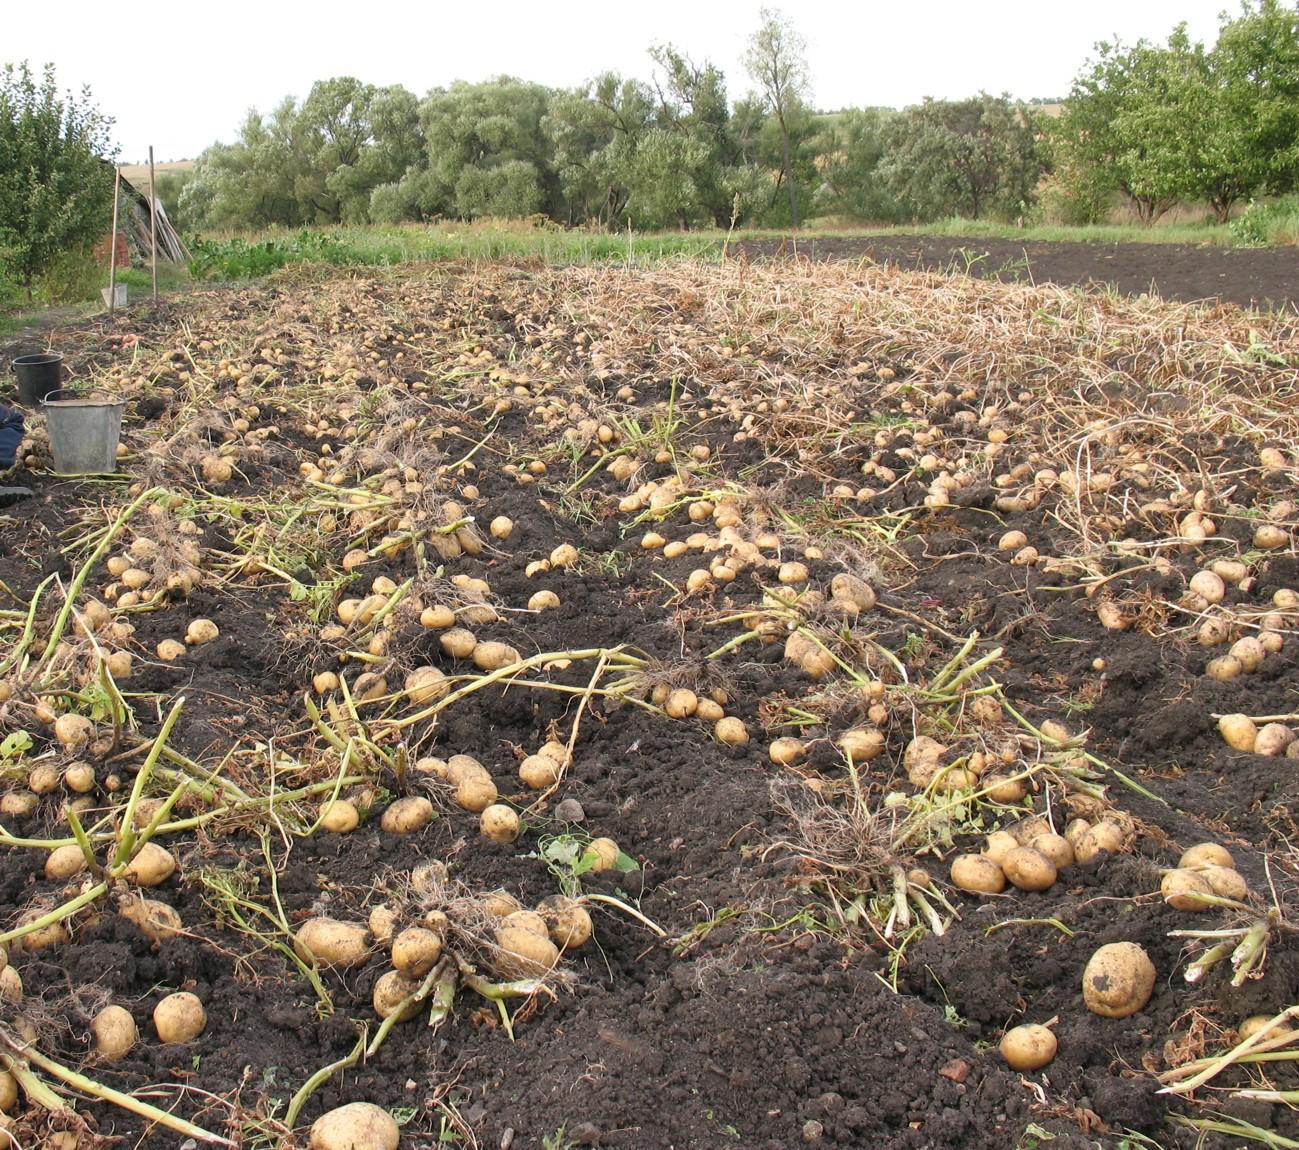 Картошка не взошла – причины и методы устранения проблемы